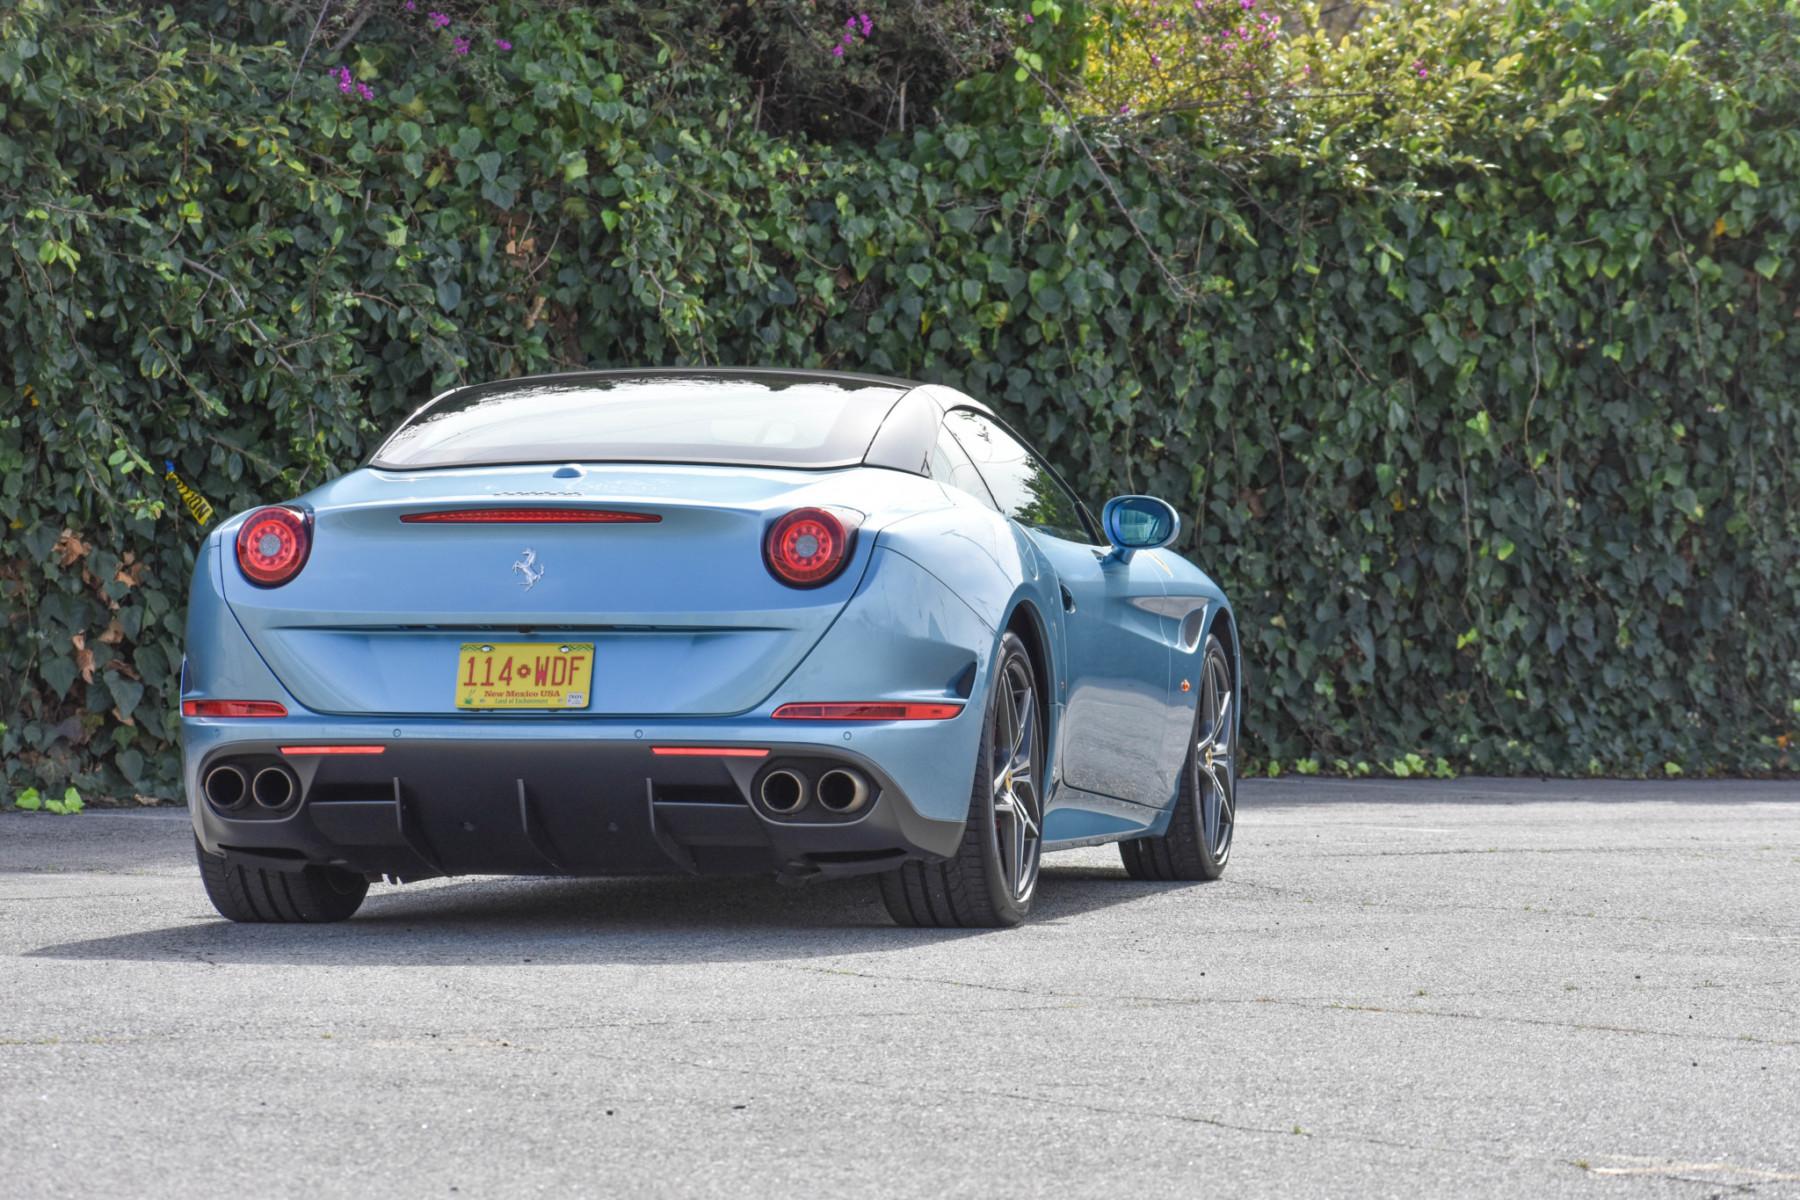 2017 Ferrari California T 70th Anniversary - The Big Picture